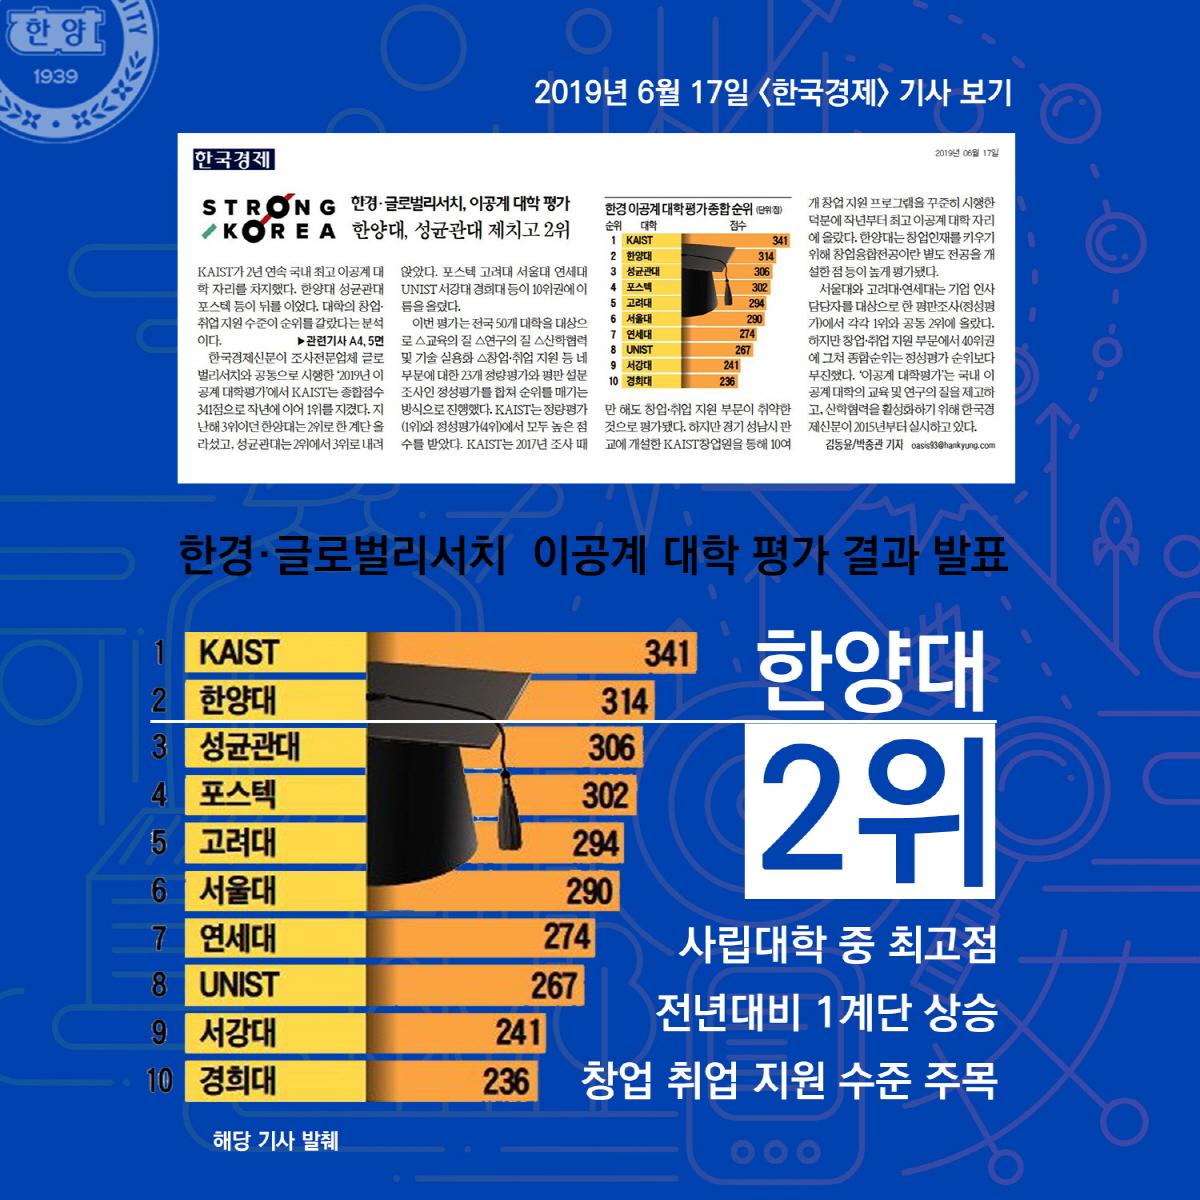 [언론기사보기] 2019 이공계대학평가, 한양대 2위 ... 사립대 최고점